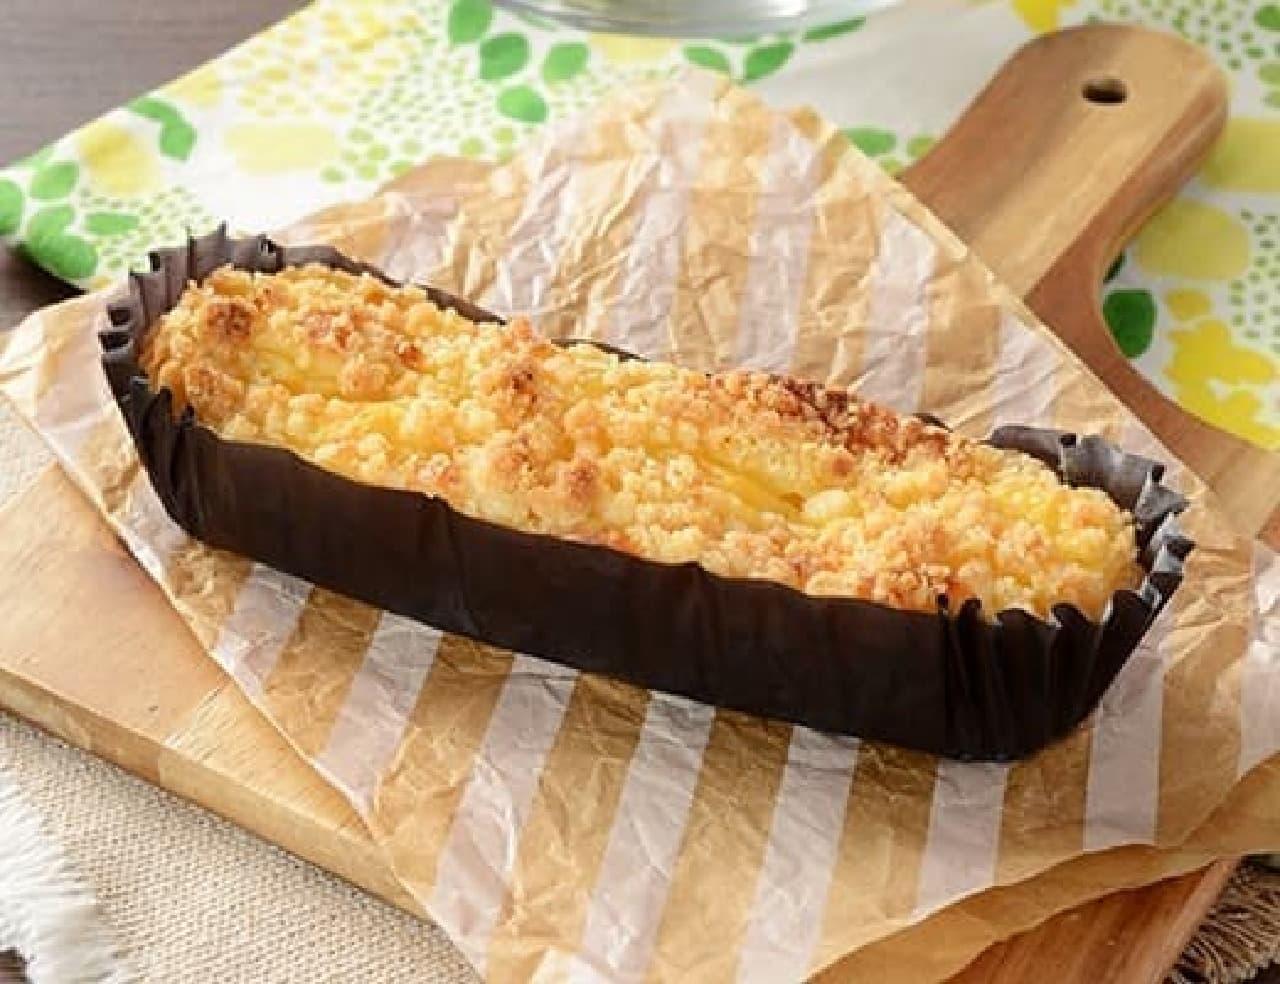 ローソン「香ばしチーズのモッチケーキ」